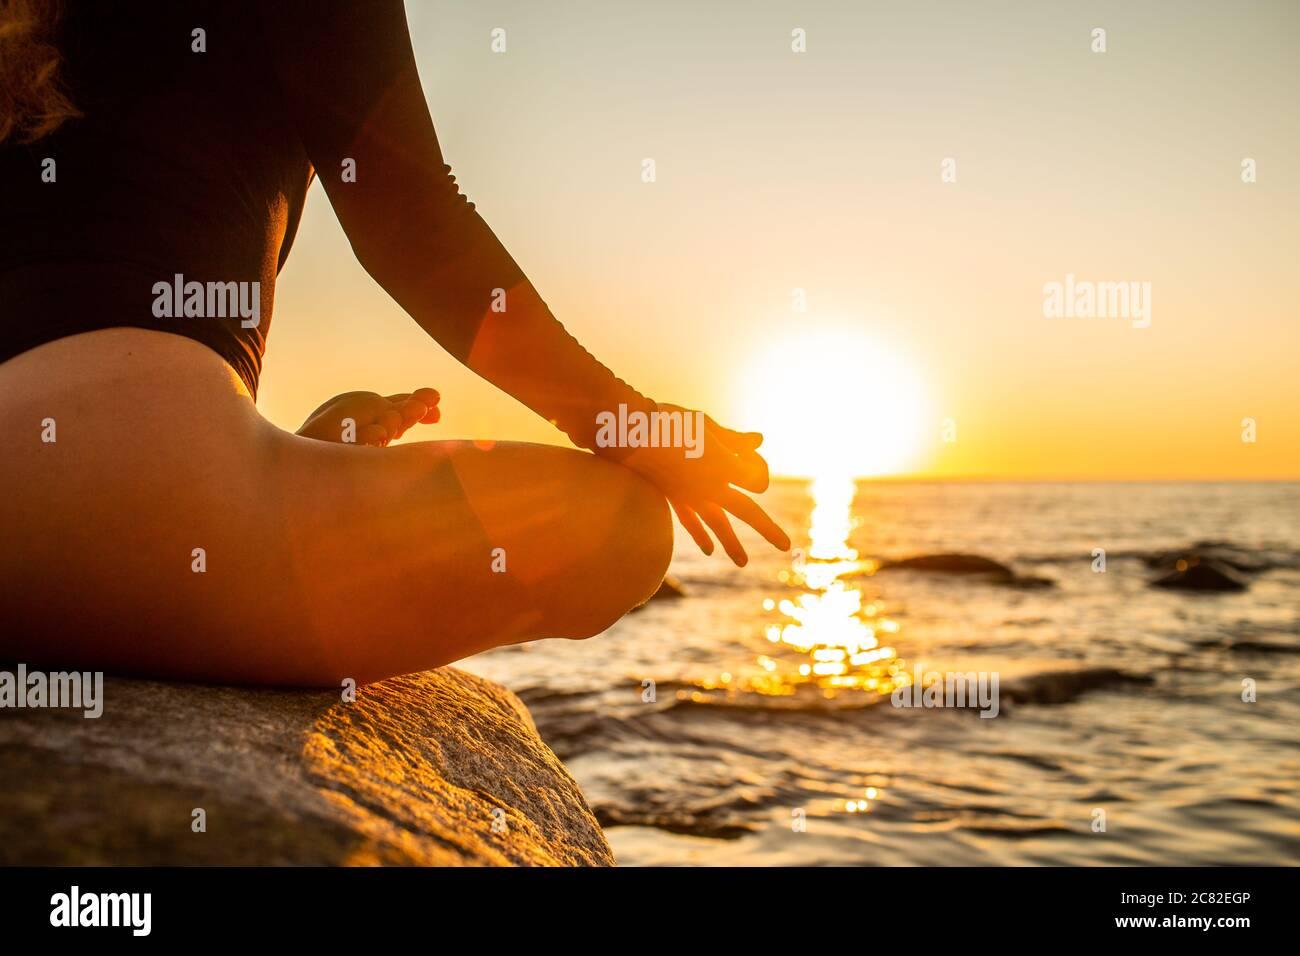 Main d'une femme méditant dans une pose de Lotus de yoga sur la plage au coucher du soleil. Fille assise sur un rocher chaud Banque D'Images